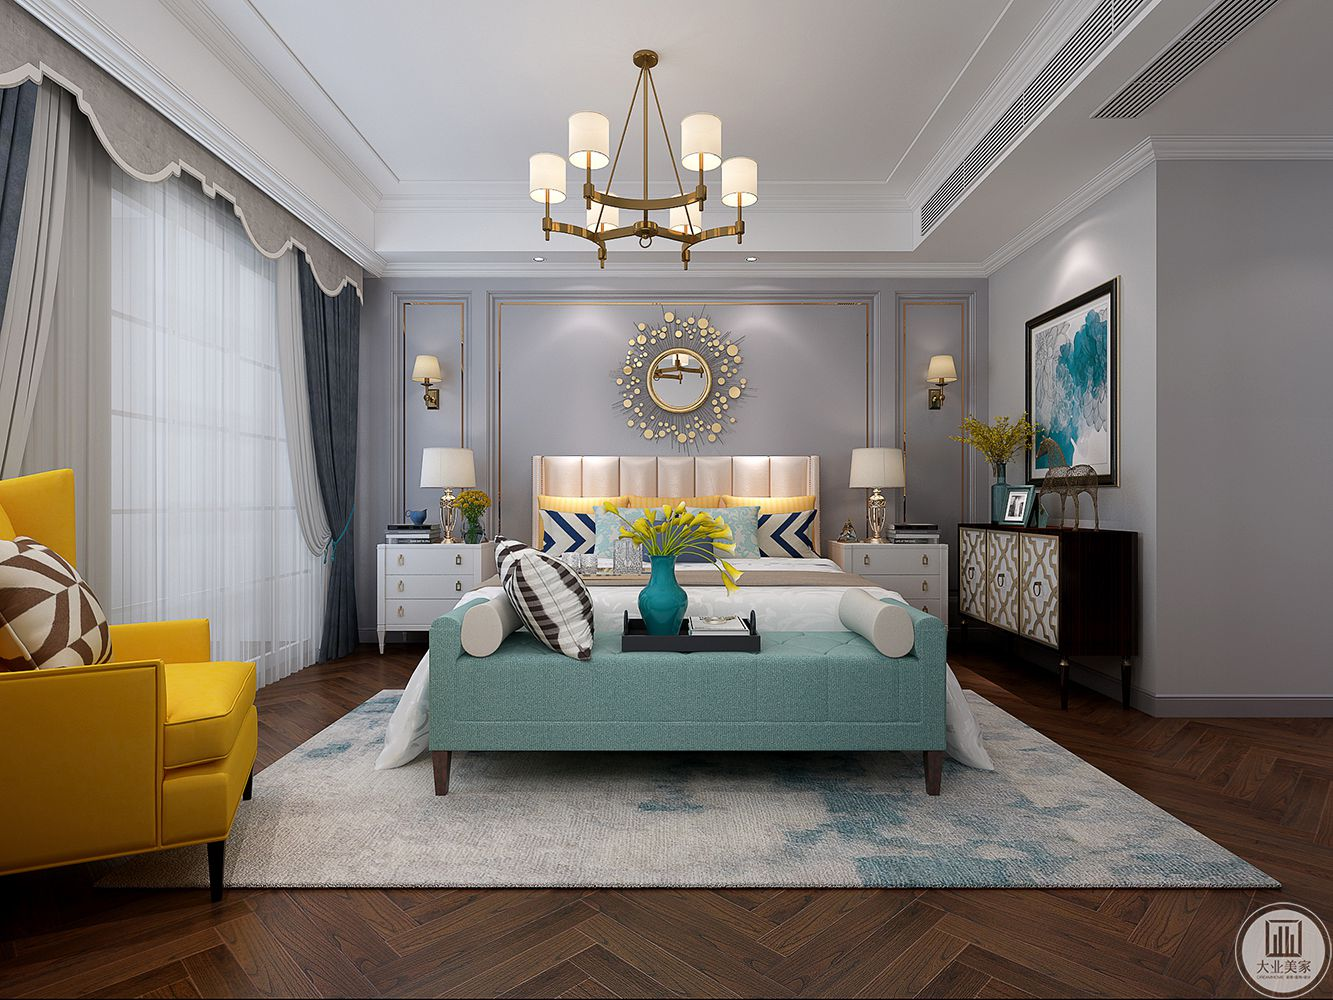 生活需要有格调,灰白色的背景墙、灰色的窗纱、大气优雅,颜色鲜明的休闲沙发,使整体空间变的鲜活、俏皮,营造着温暖柔且不失精致的睡眠氛围。